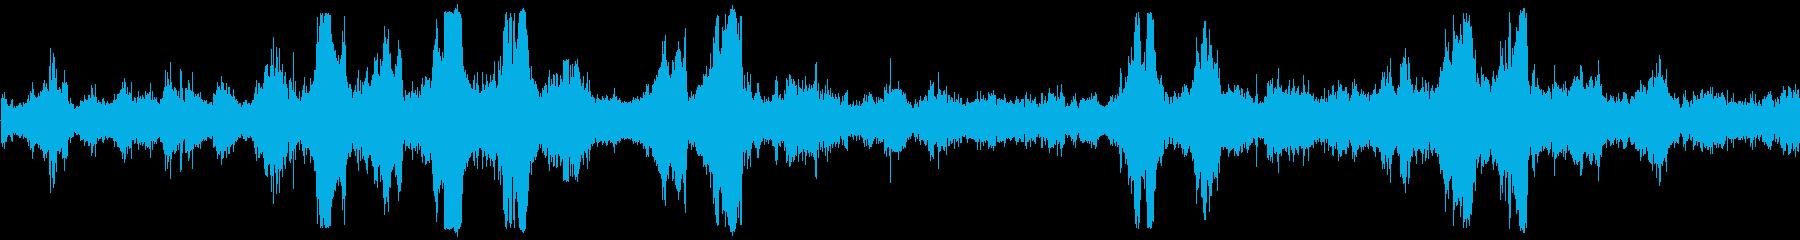 海 海岸破壊波01の再生済みの波形